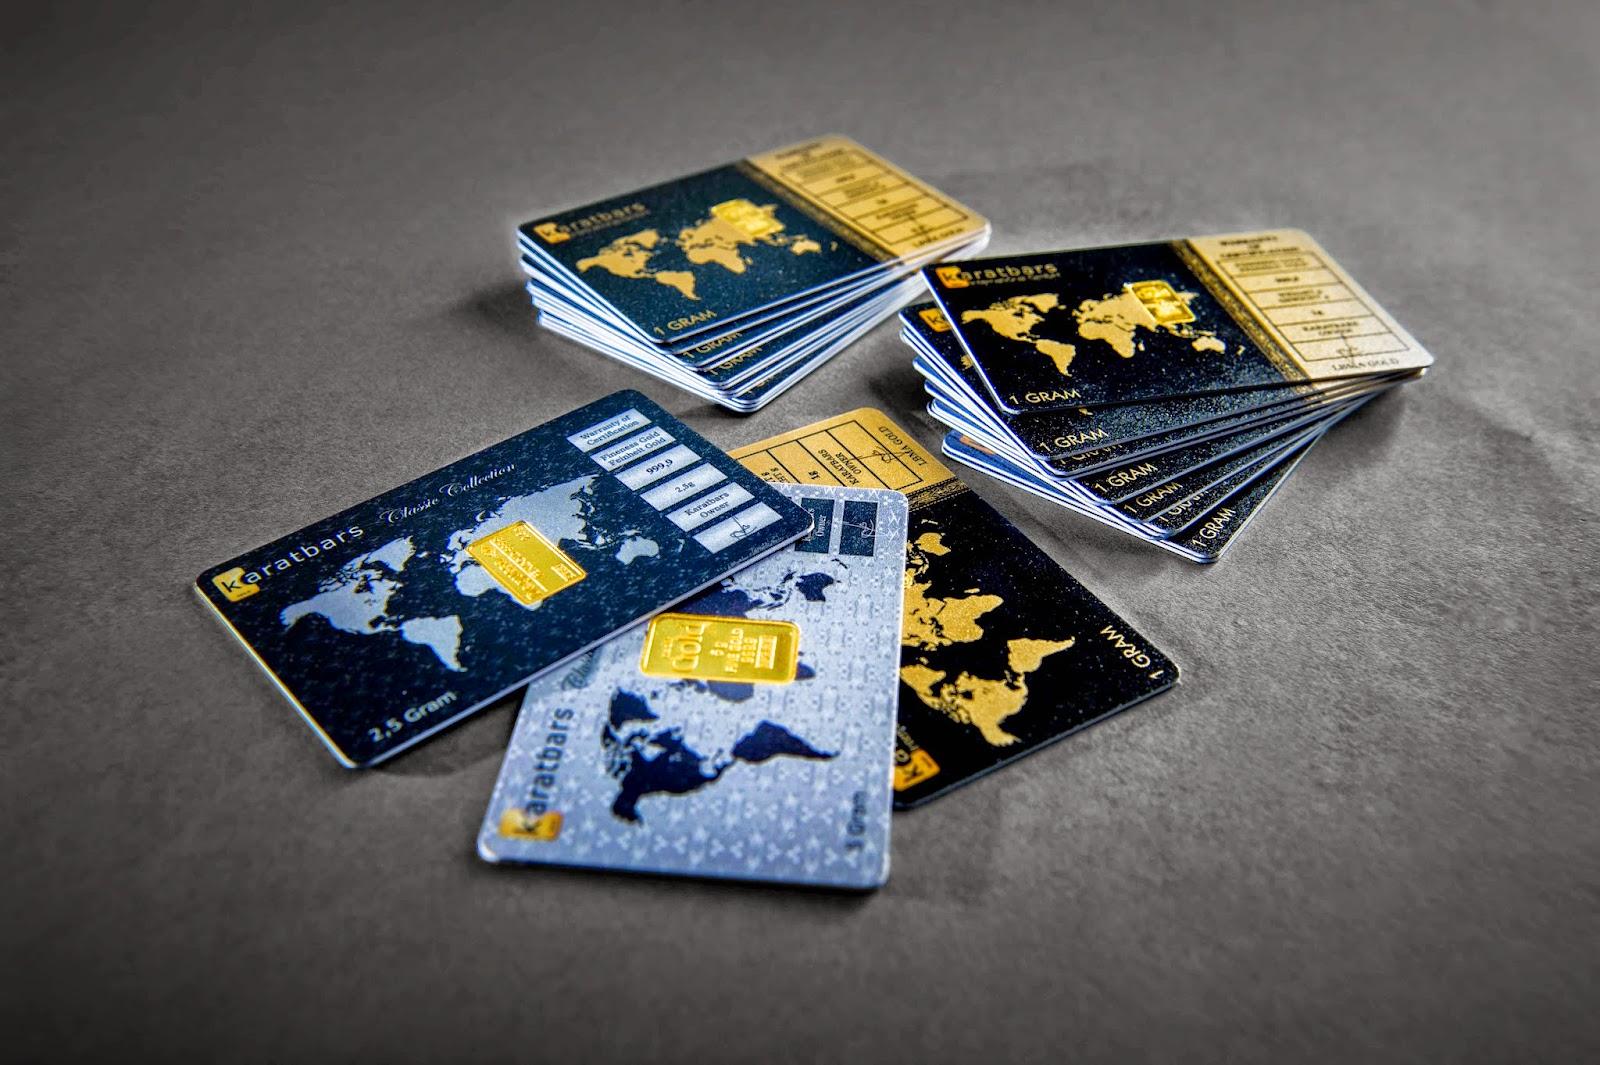 Los Karatbars de oro puro son dinero efectivo en cualquier momento y en cualquier parte del mundo.